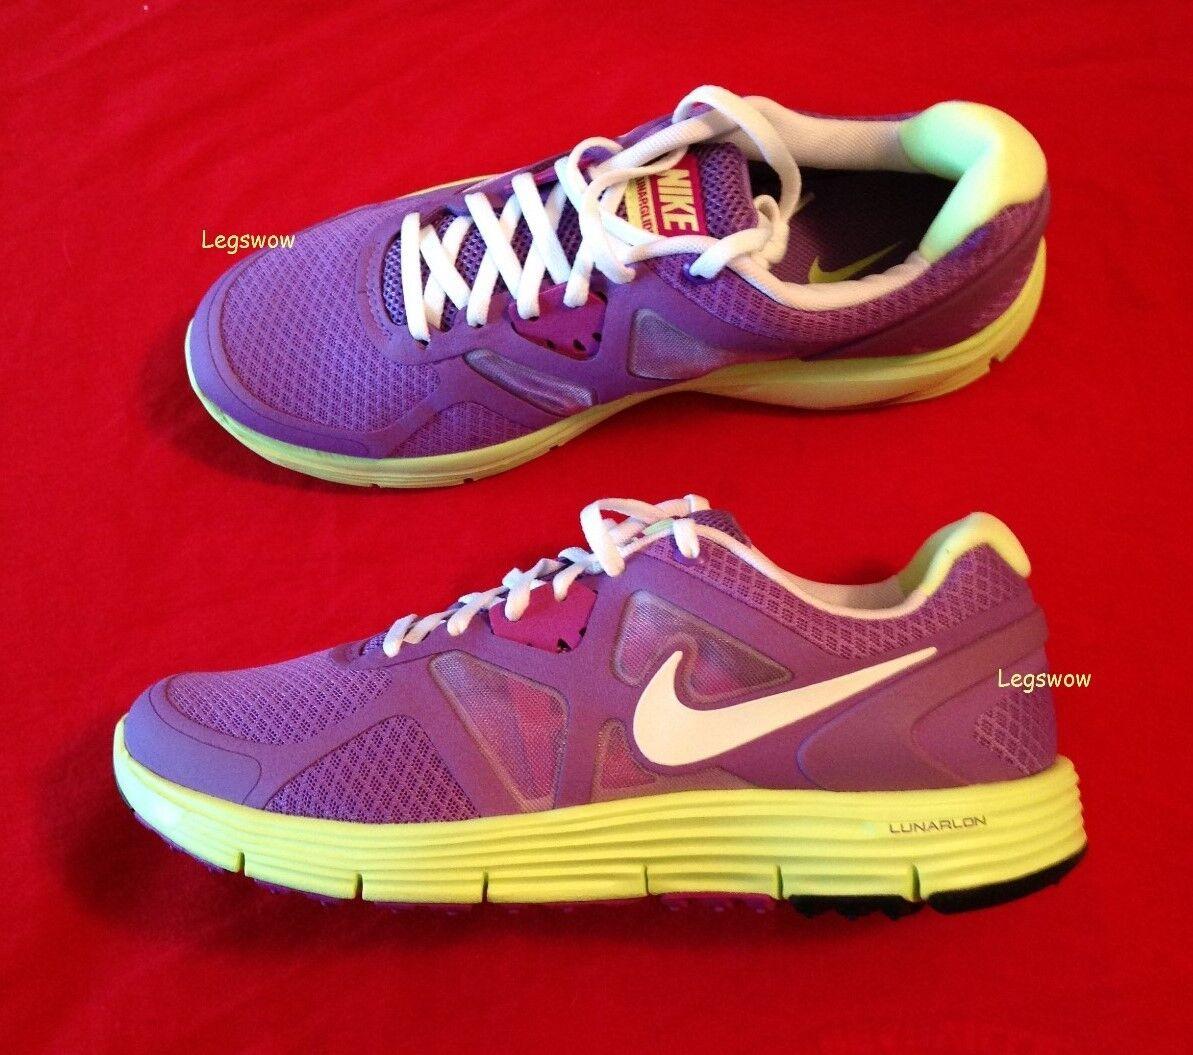 Nike lunarglide 3 scarpa da corsa giallo viola scarpe femminili giovane ragazzo - ragazza 7